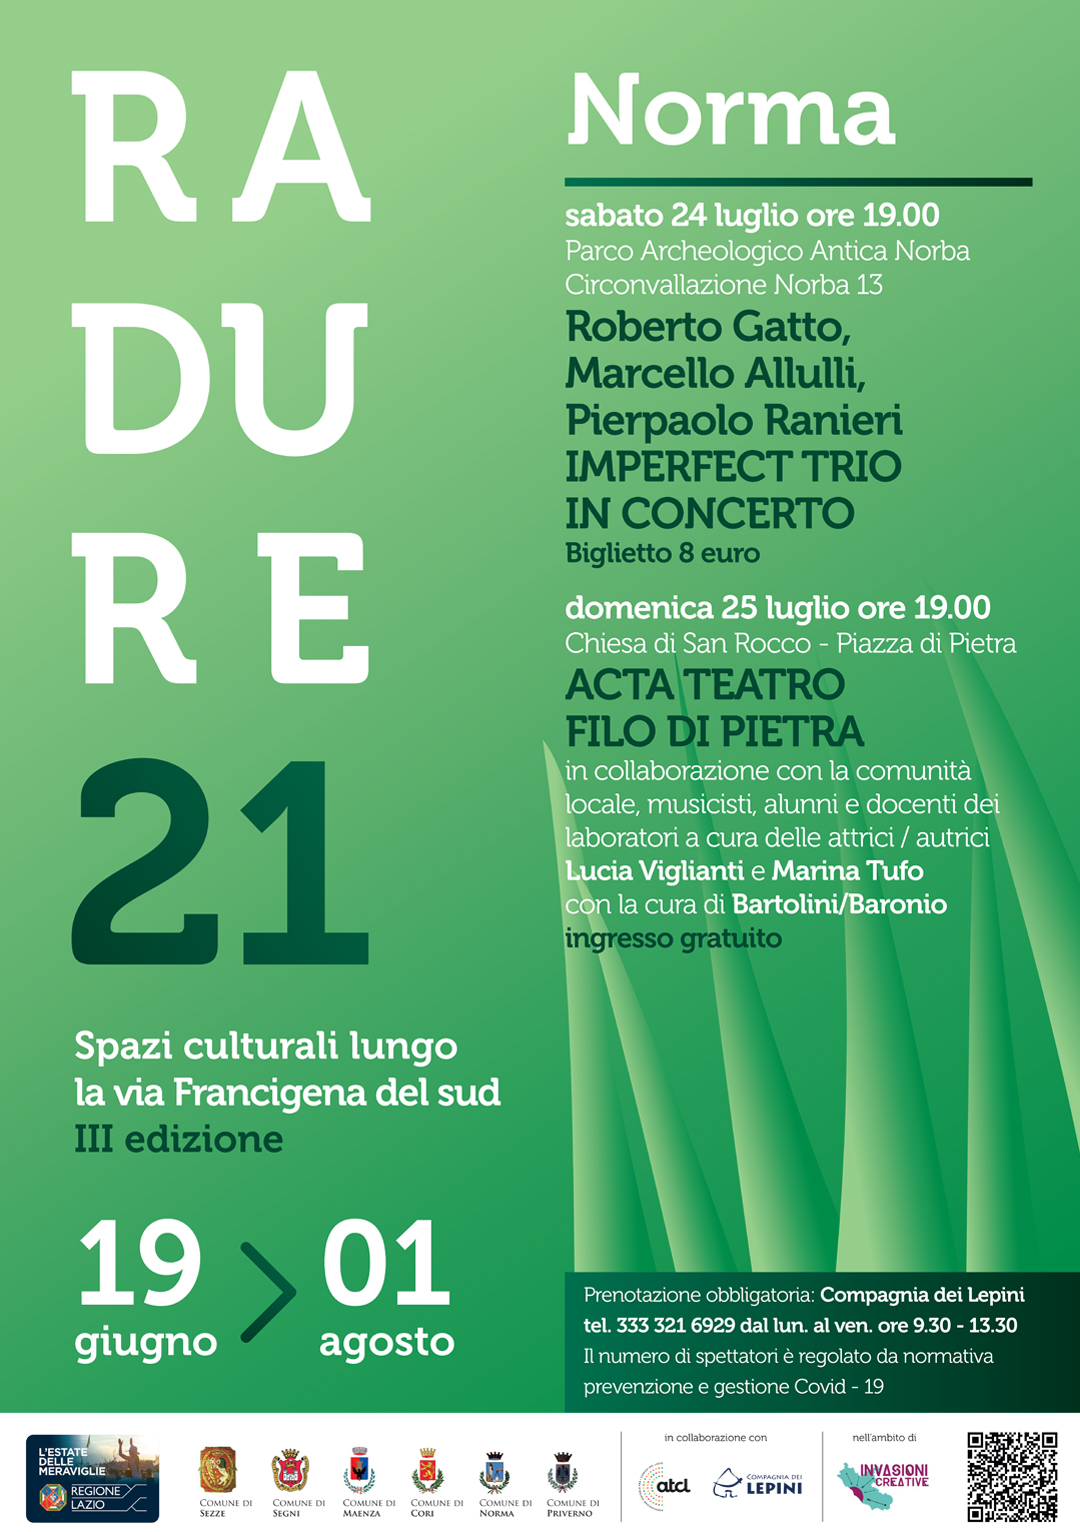 Radure 2021 Norma: Imperfect Trio in concerto @ Norma, Parco Archeologico Antica Norba